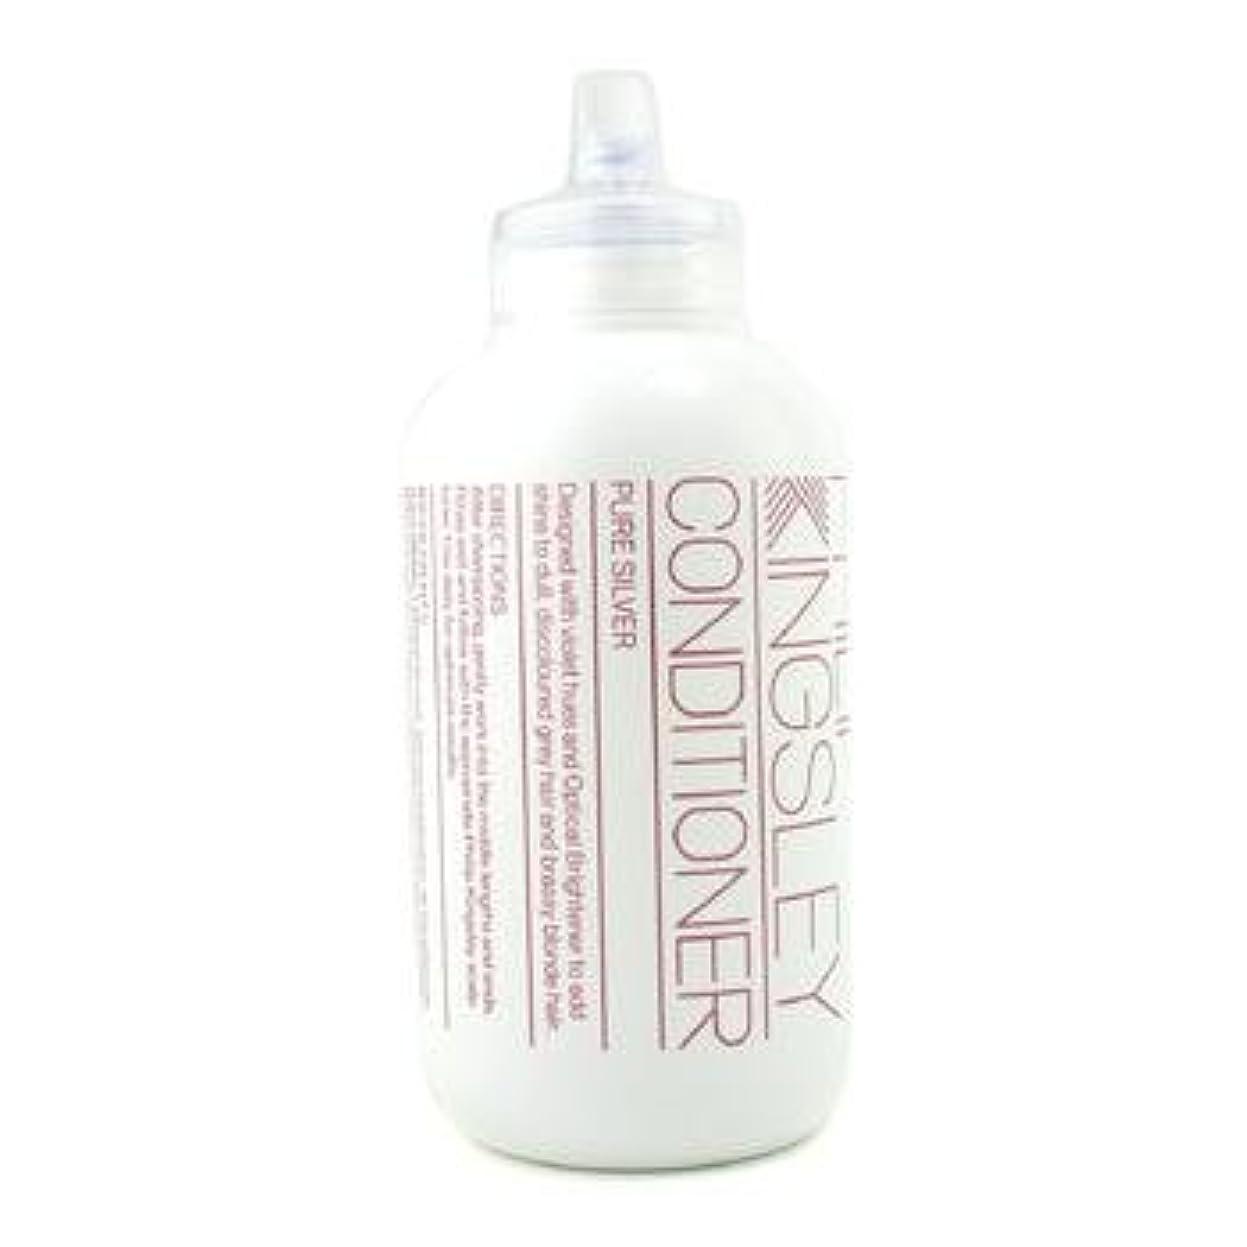 ひどくコインモロニック[Philip Kingsley] Pure Silver Conditioner ( For Dull Discoloured Grey Hair and Brassy Blonde Hair ) 250ml/8.45oz